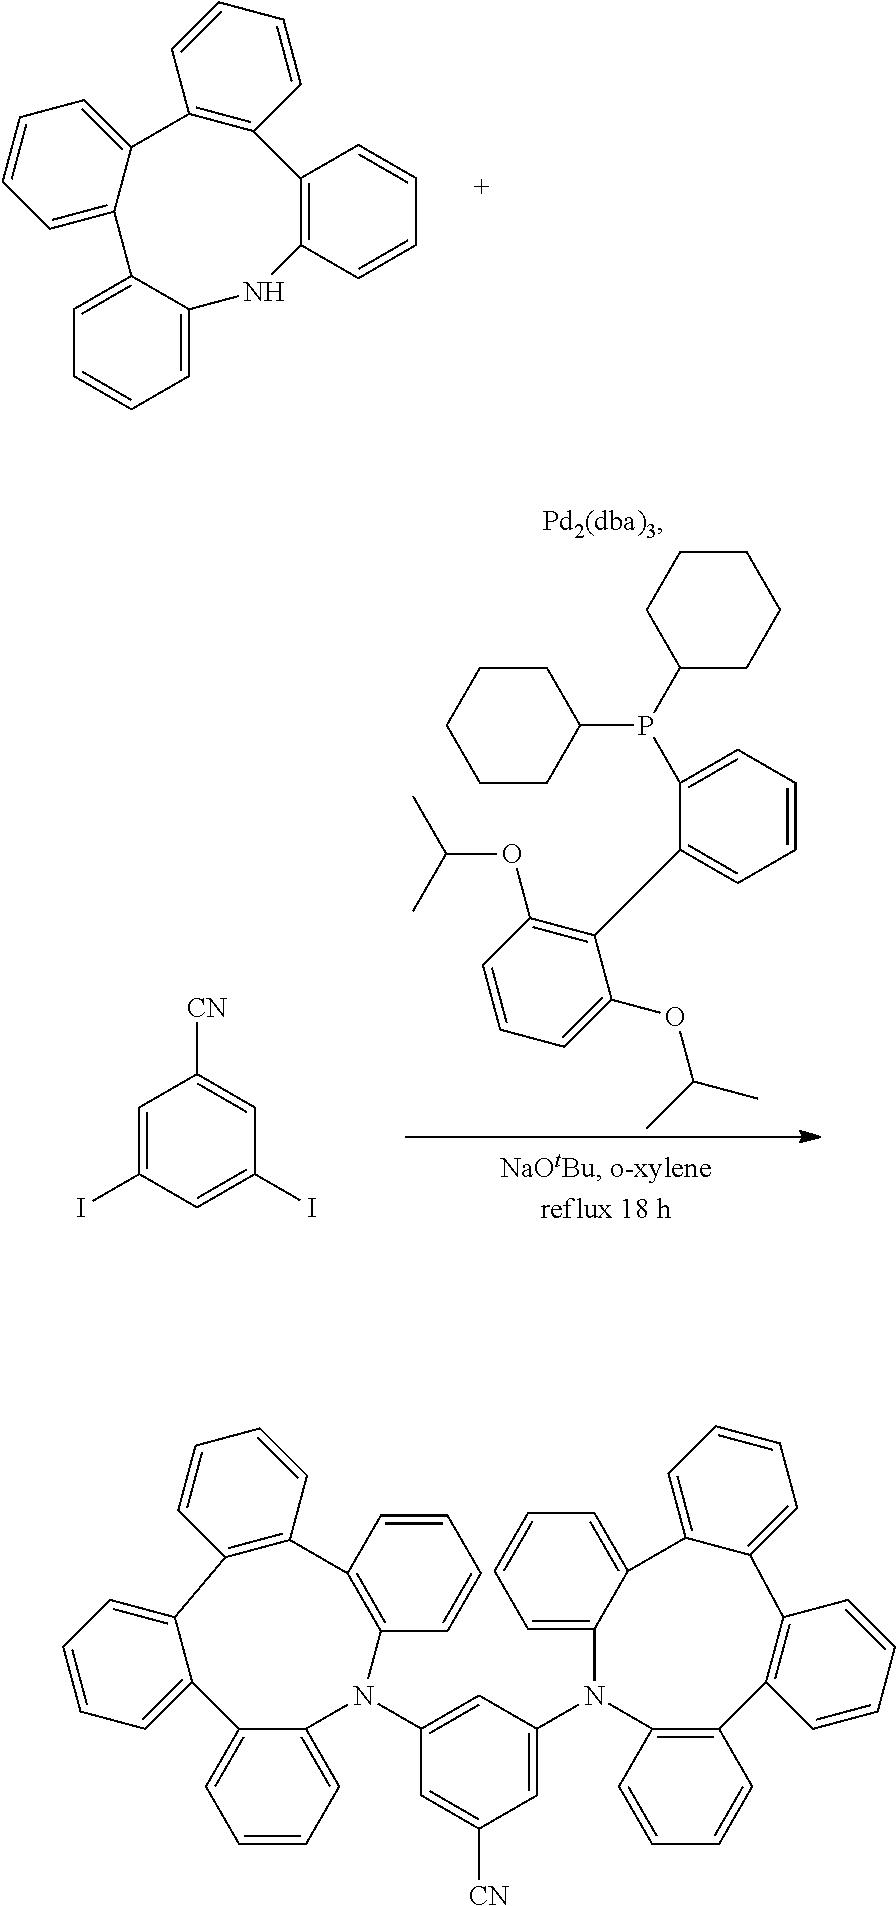 Figure US09978956-20180522-C00119